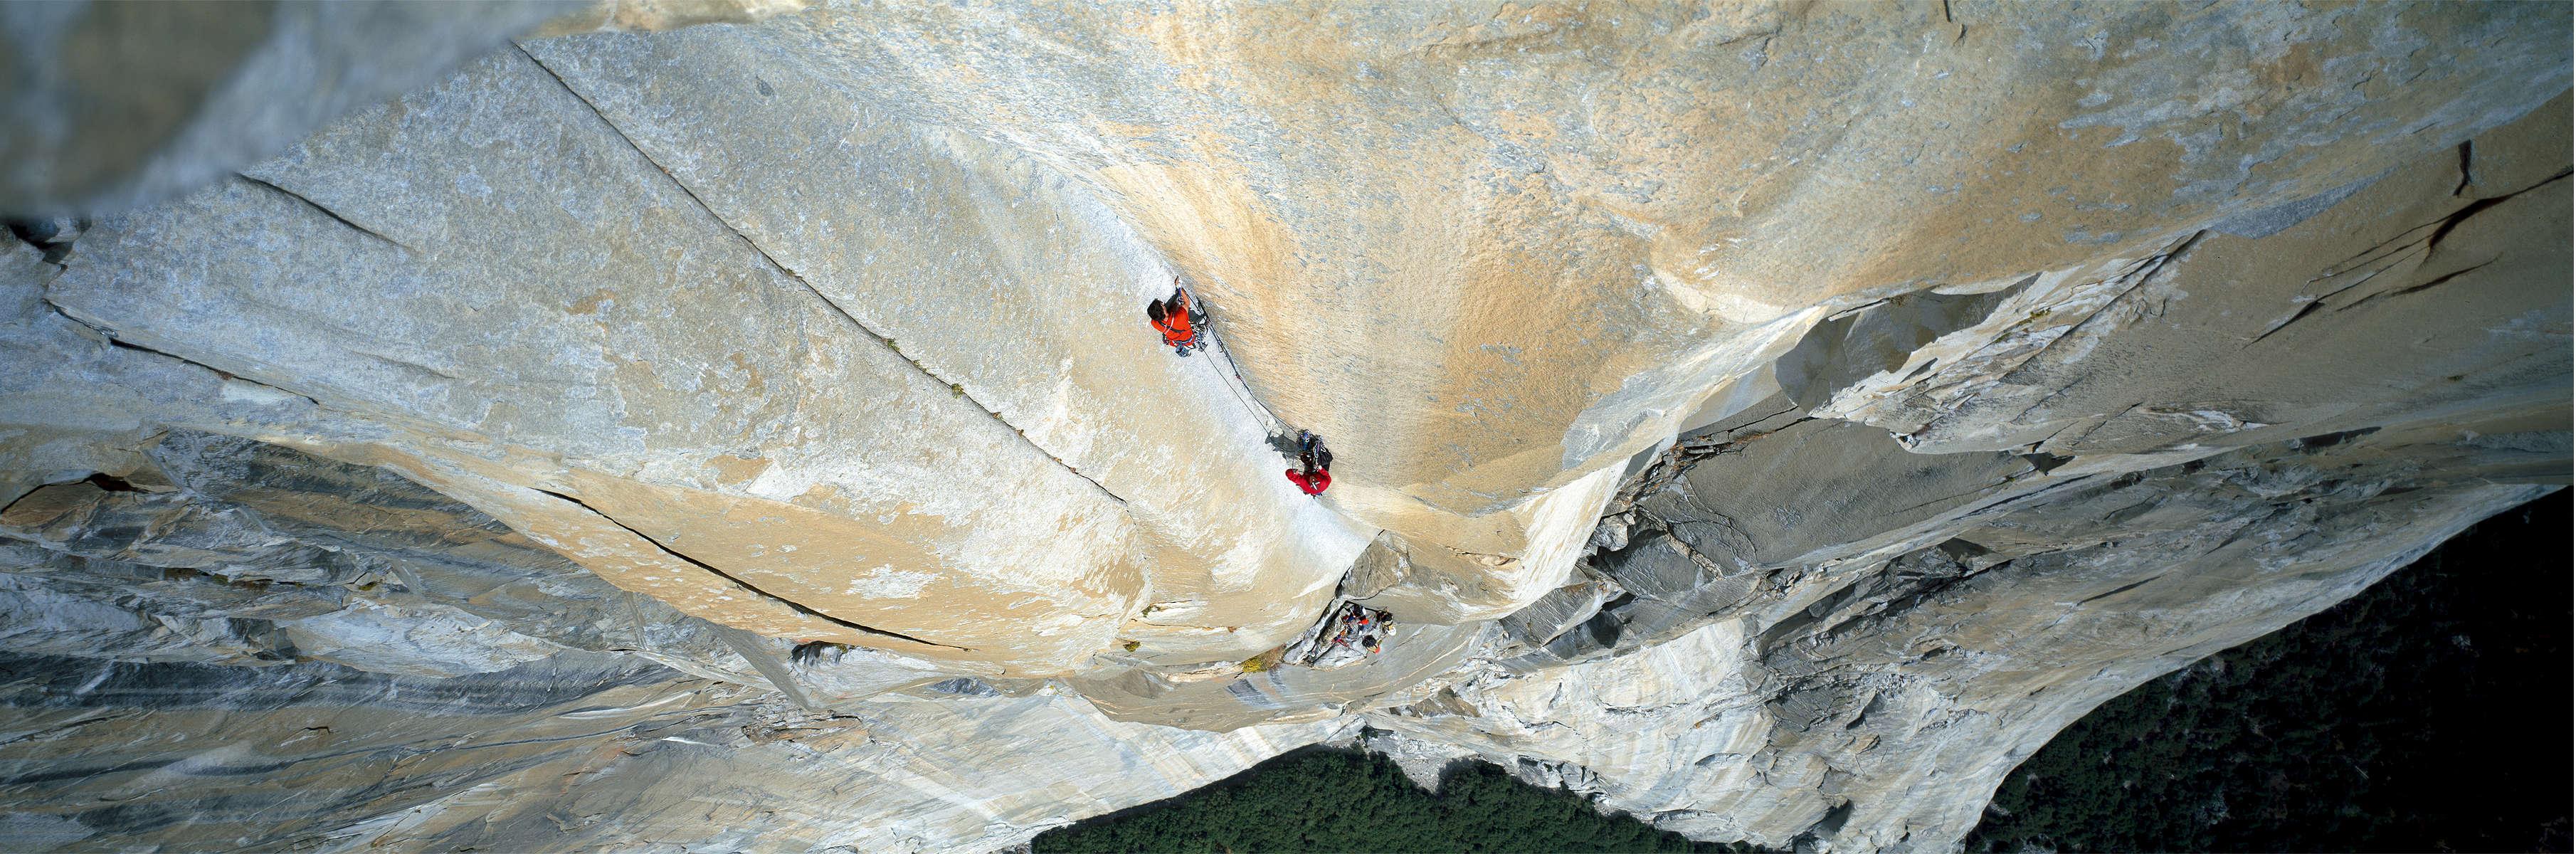 Climbers_ElCapitan_Yosemite_California